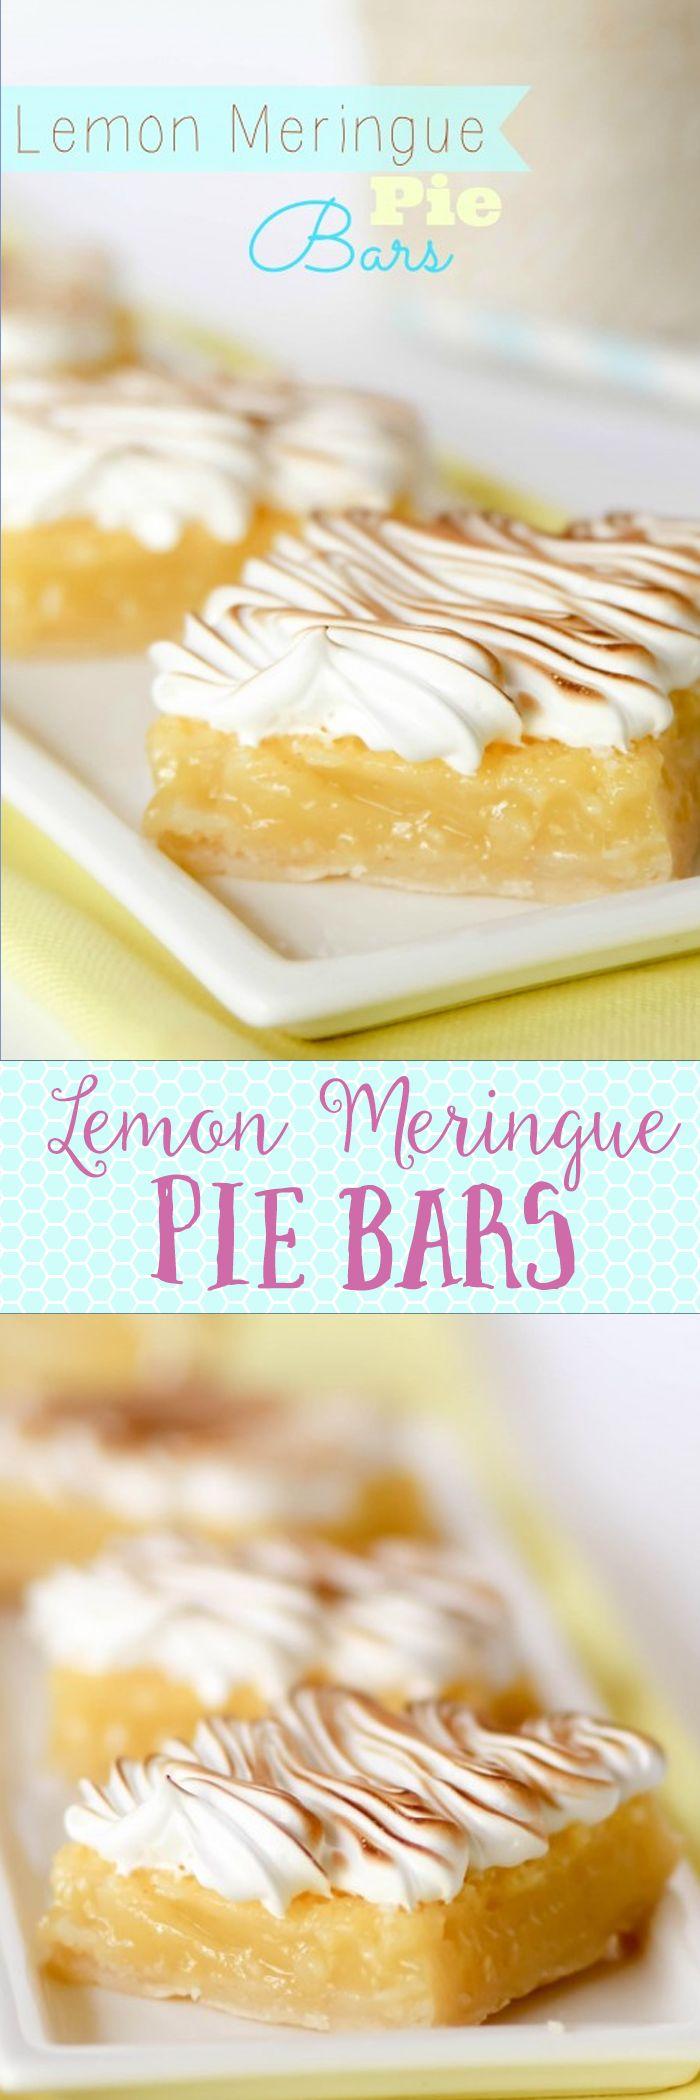 Lemon Meringue Pie Bars - a great alternative to pie. Handheld, easier to eat, etc. These always get rave reviews.